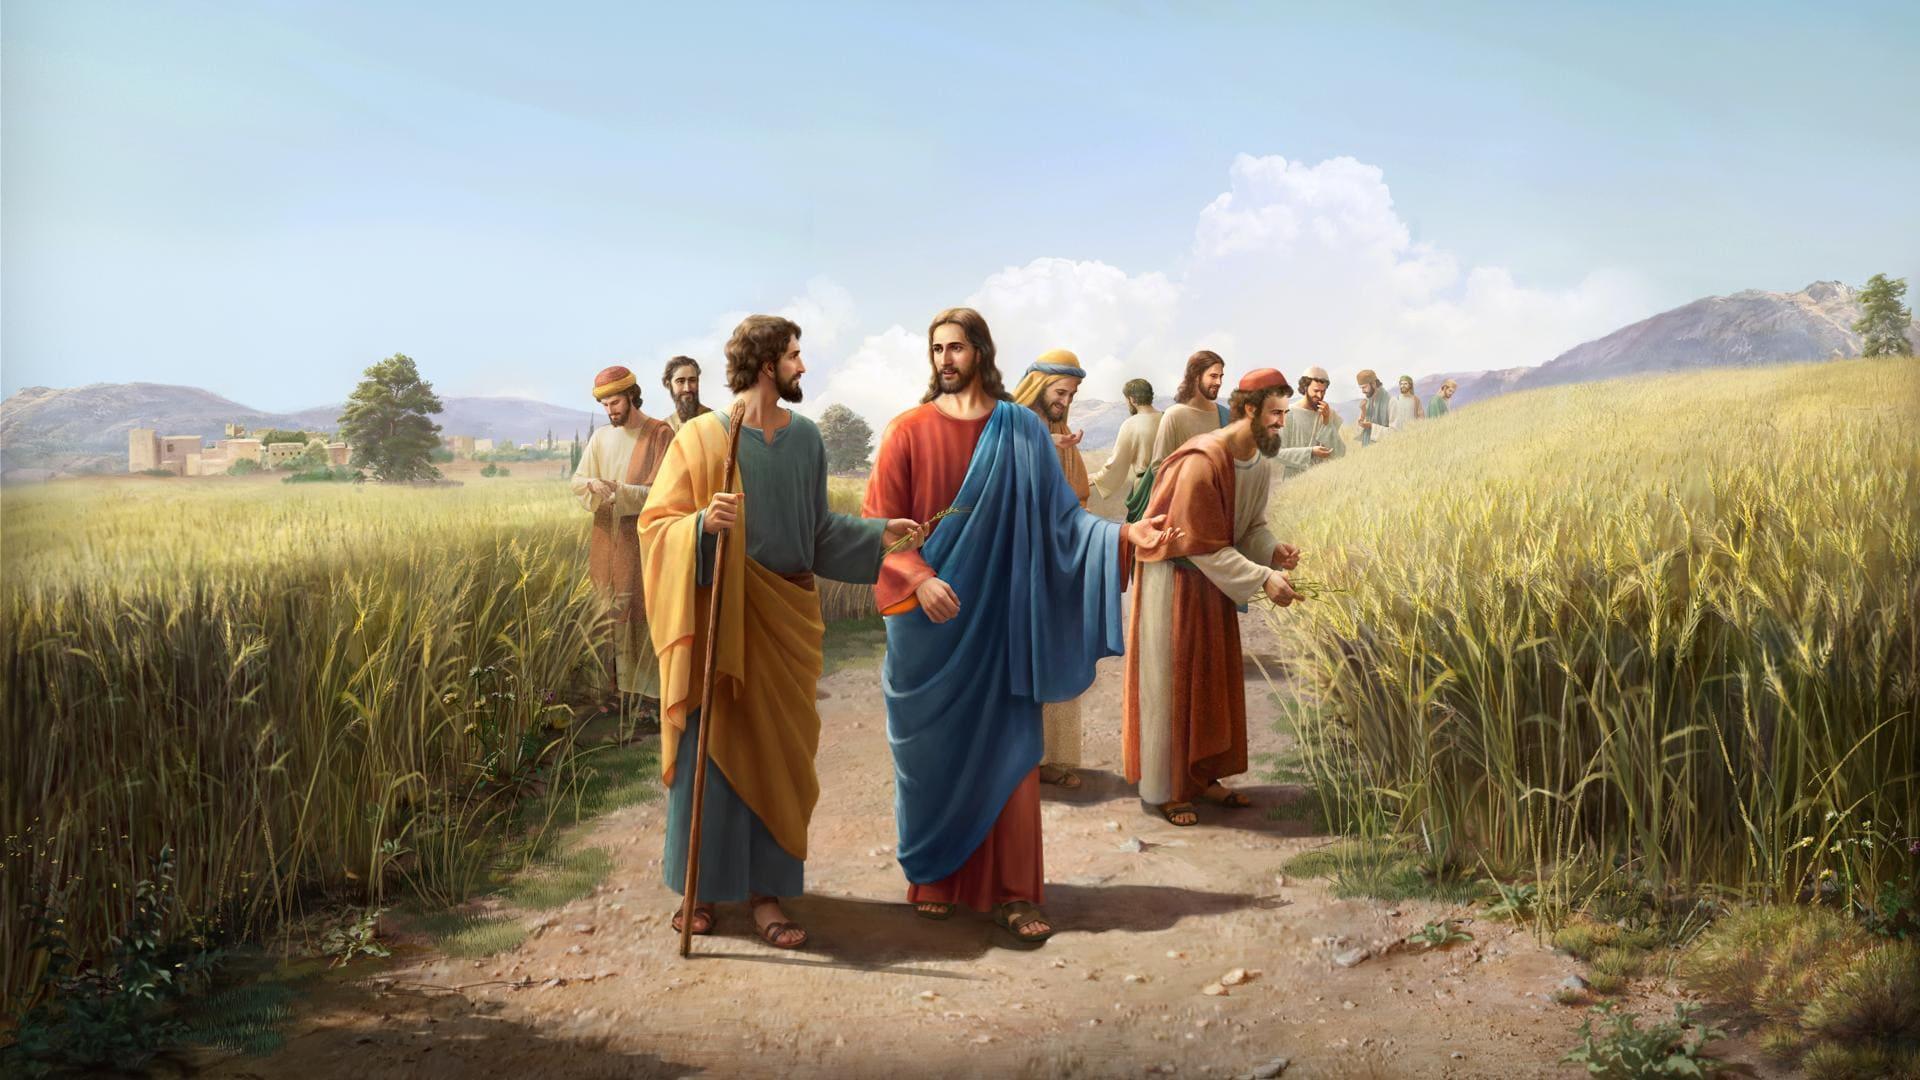 فَإِنَّ ابْنَ الإِنْسَانِ هُوَ رَبُّ السَّبْتِ أَيْضًا